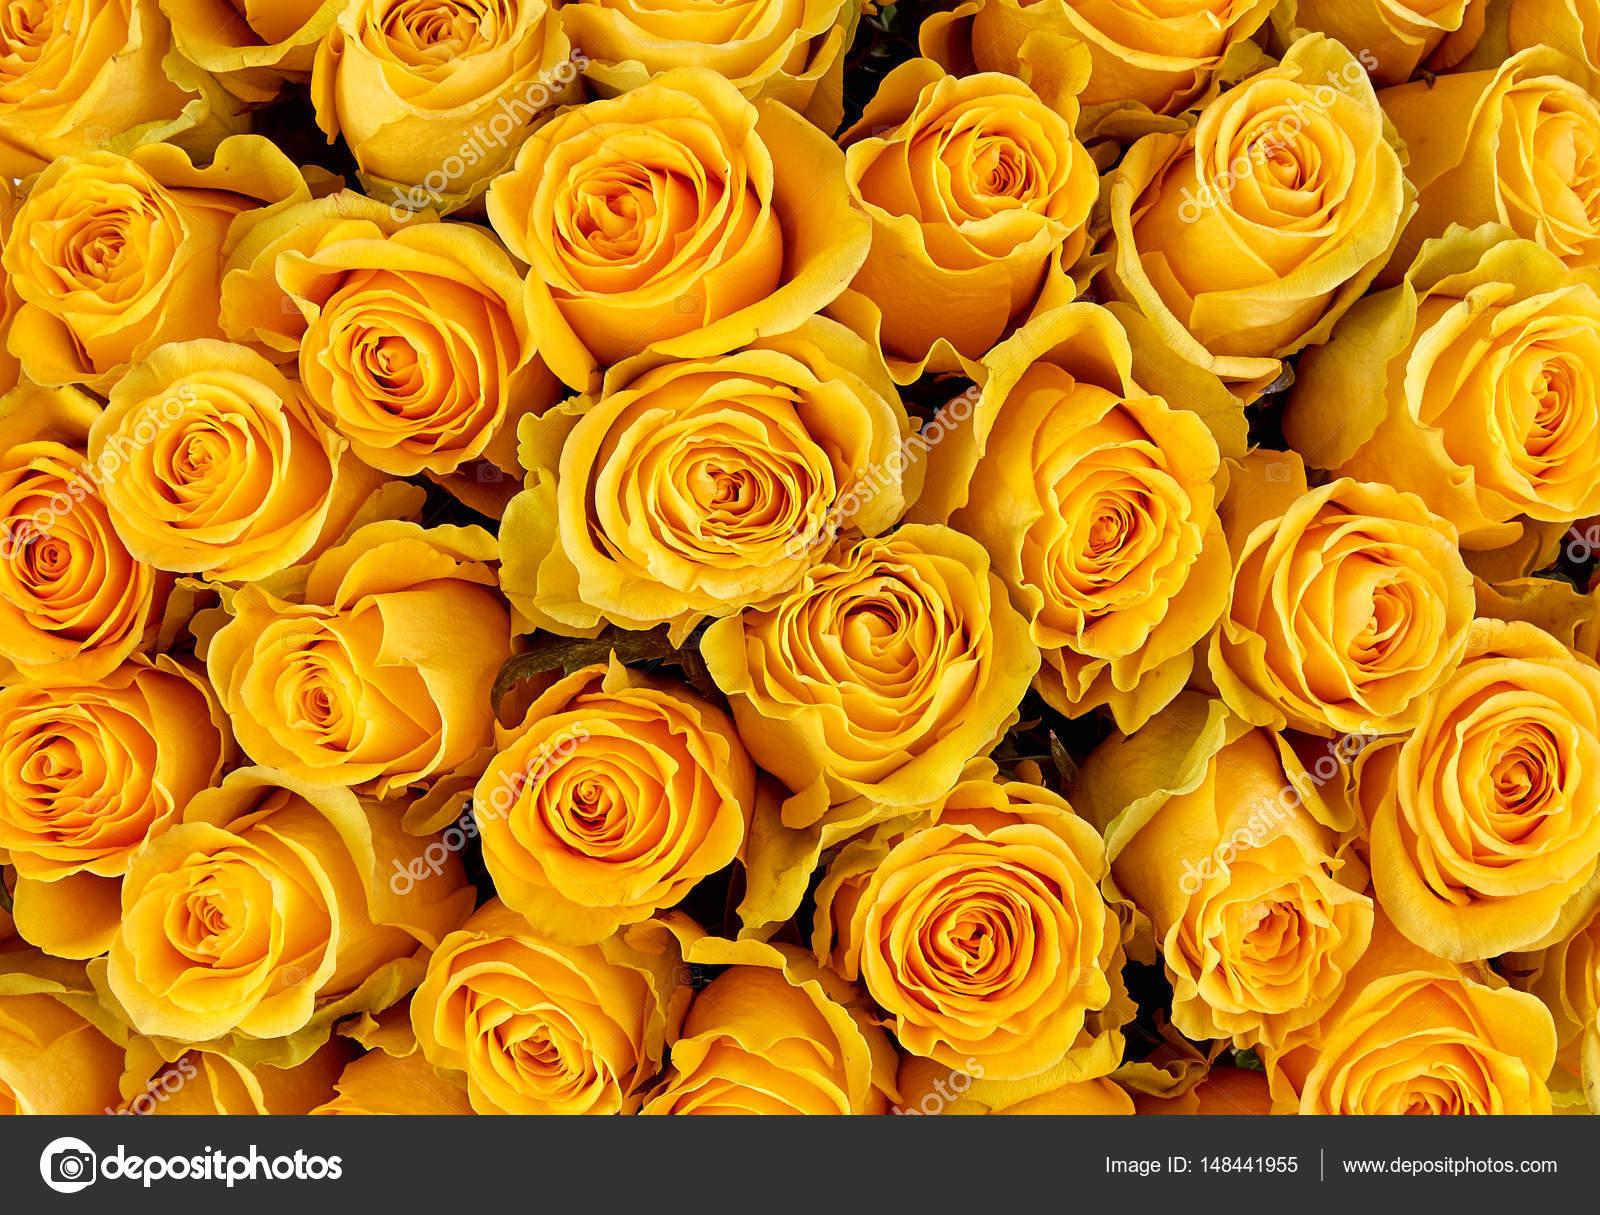 rose hintergrund bunte rosen wand hintergrund stockfoto baranov evgenii 148441955. Black Bedroom Furniture Sets. Home Design Ideas